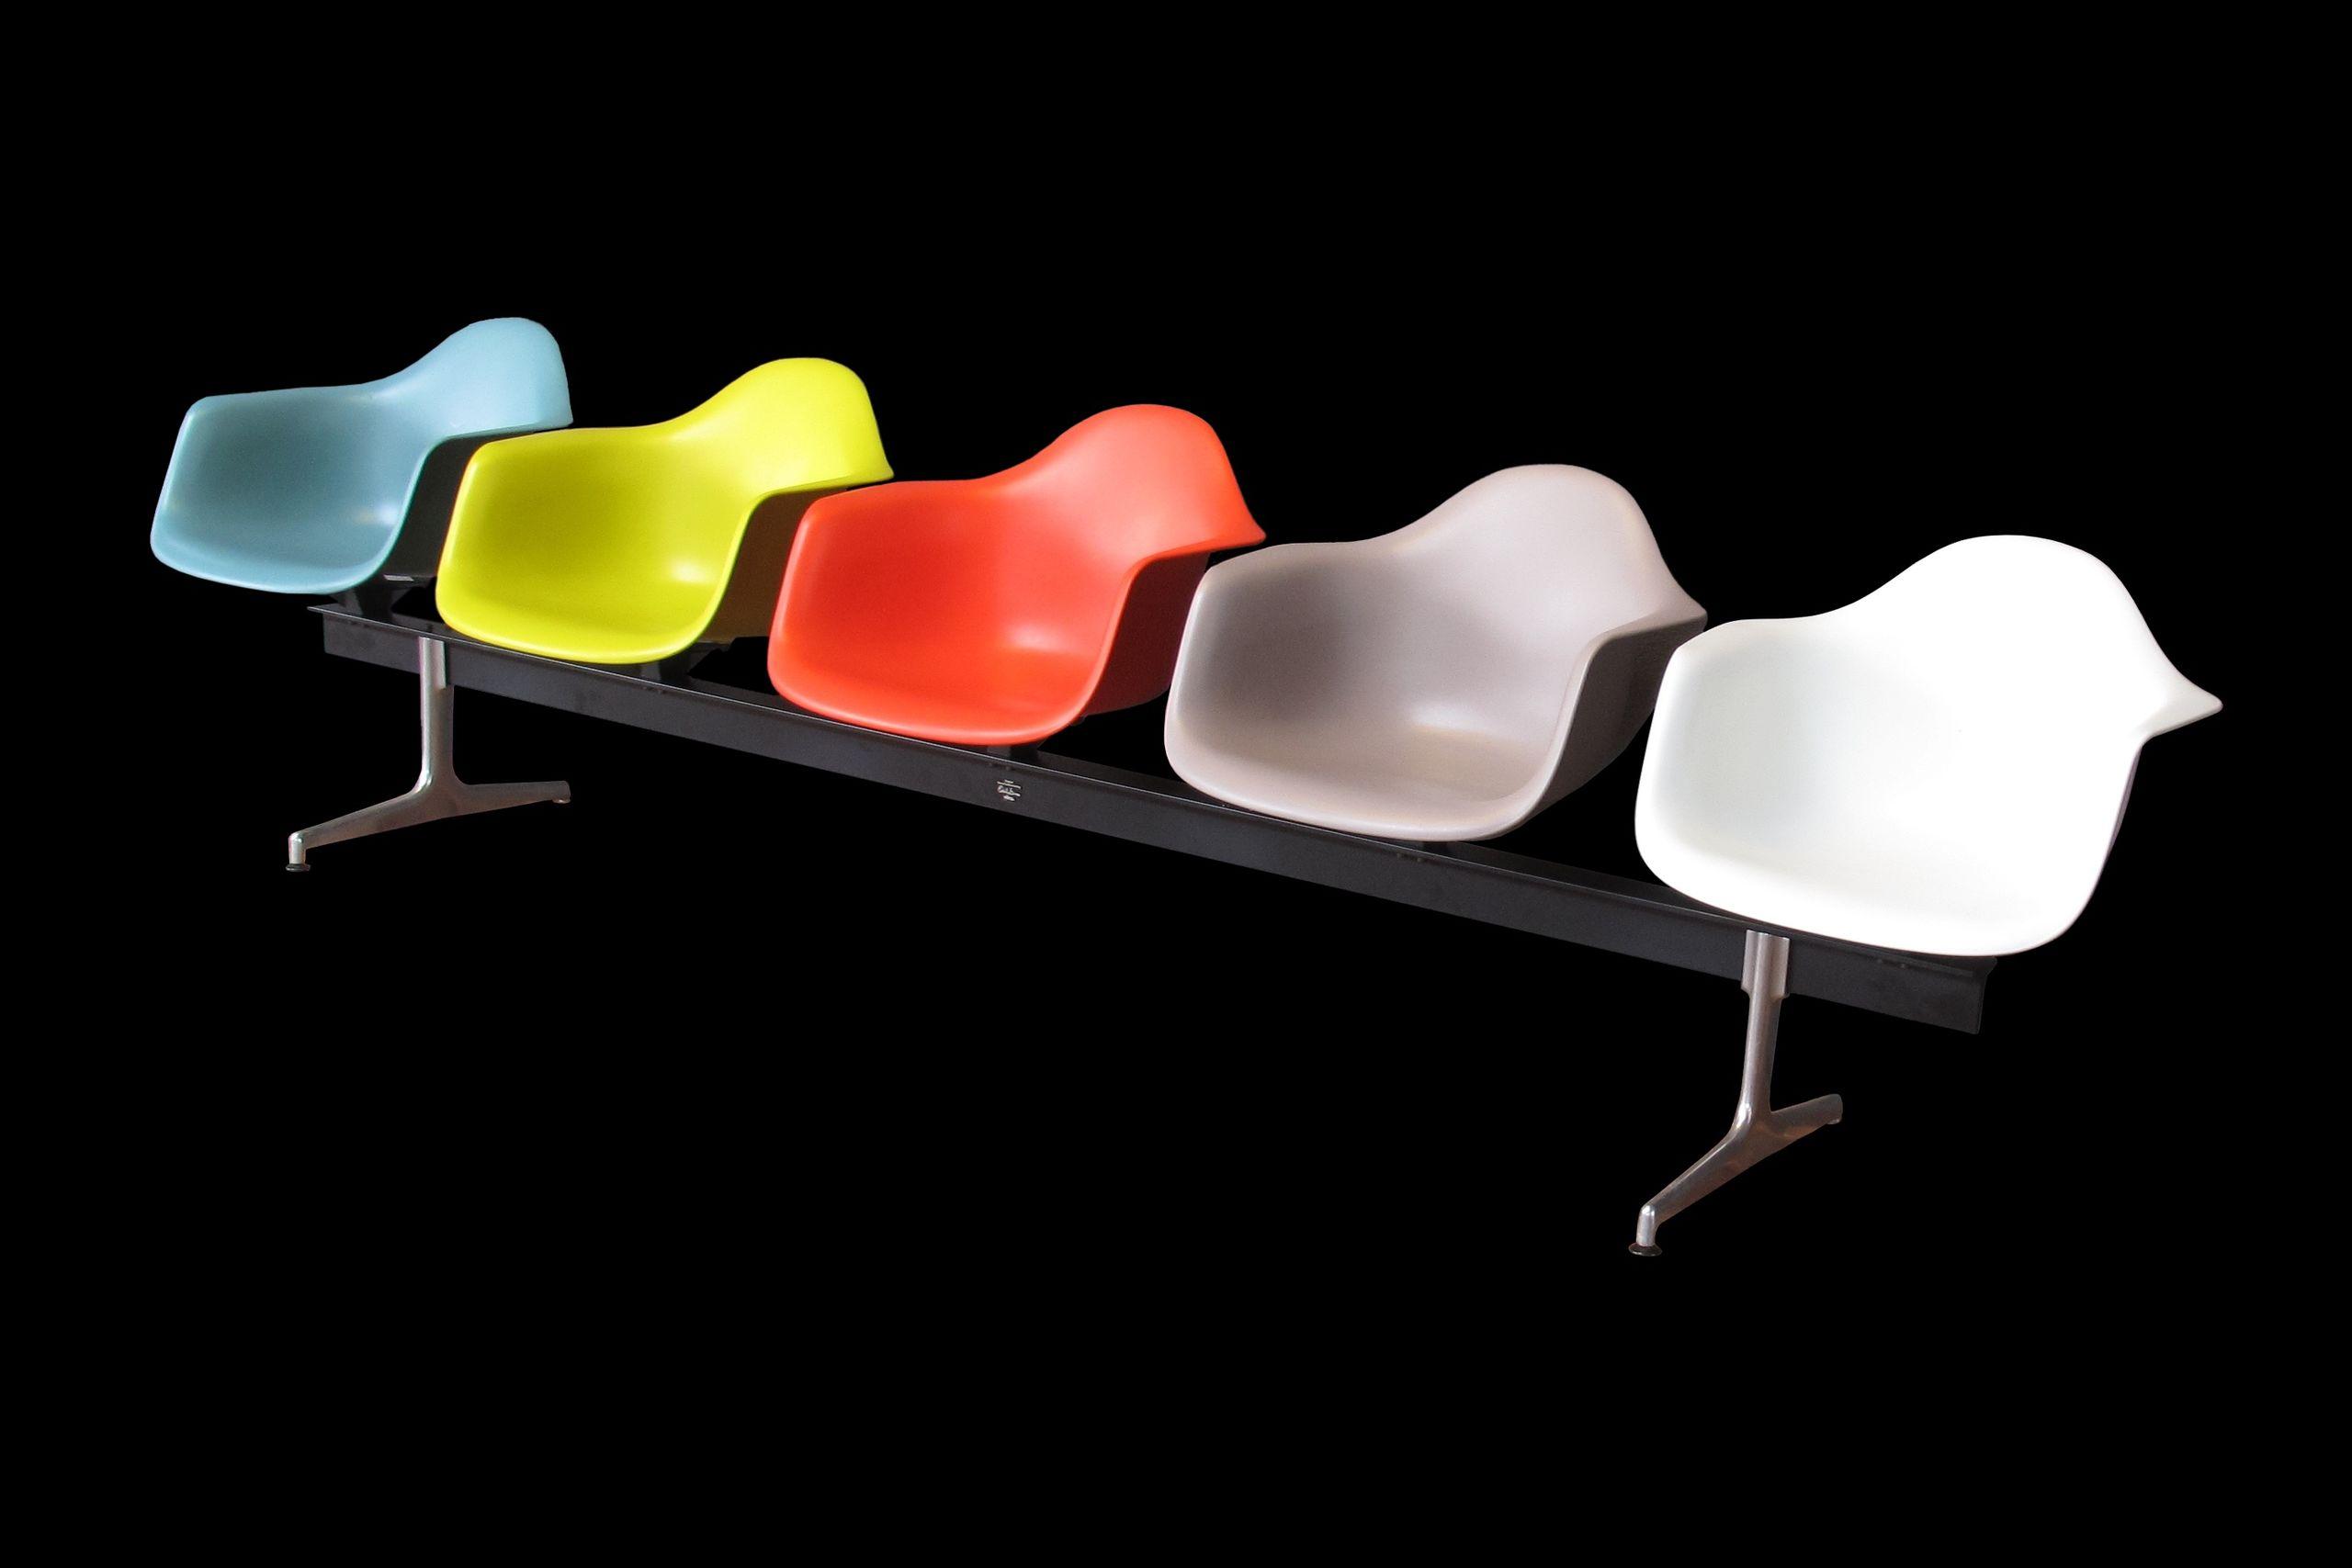 Eames chair-IMG 4611.jpg